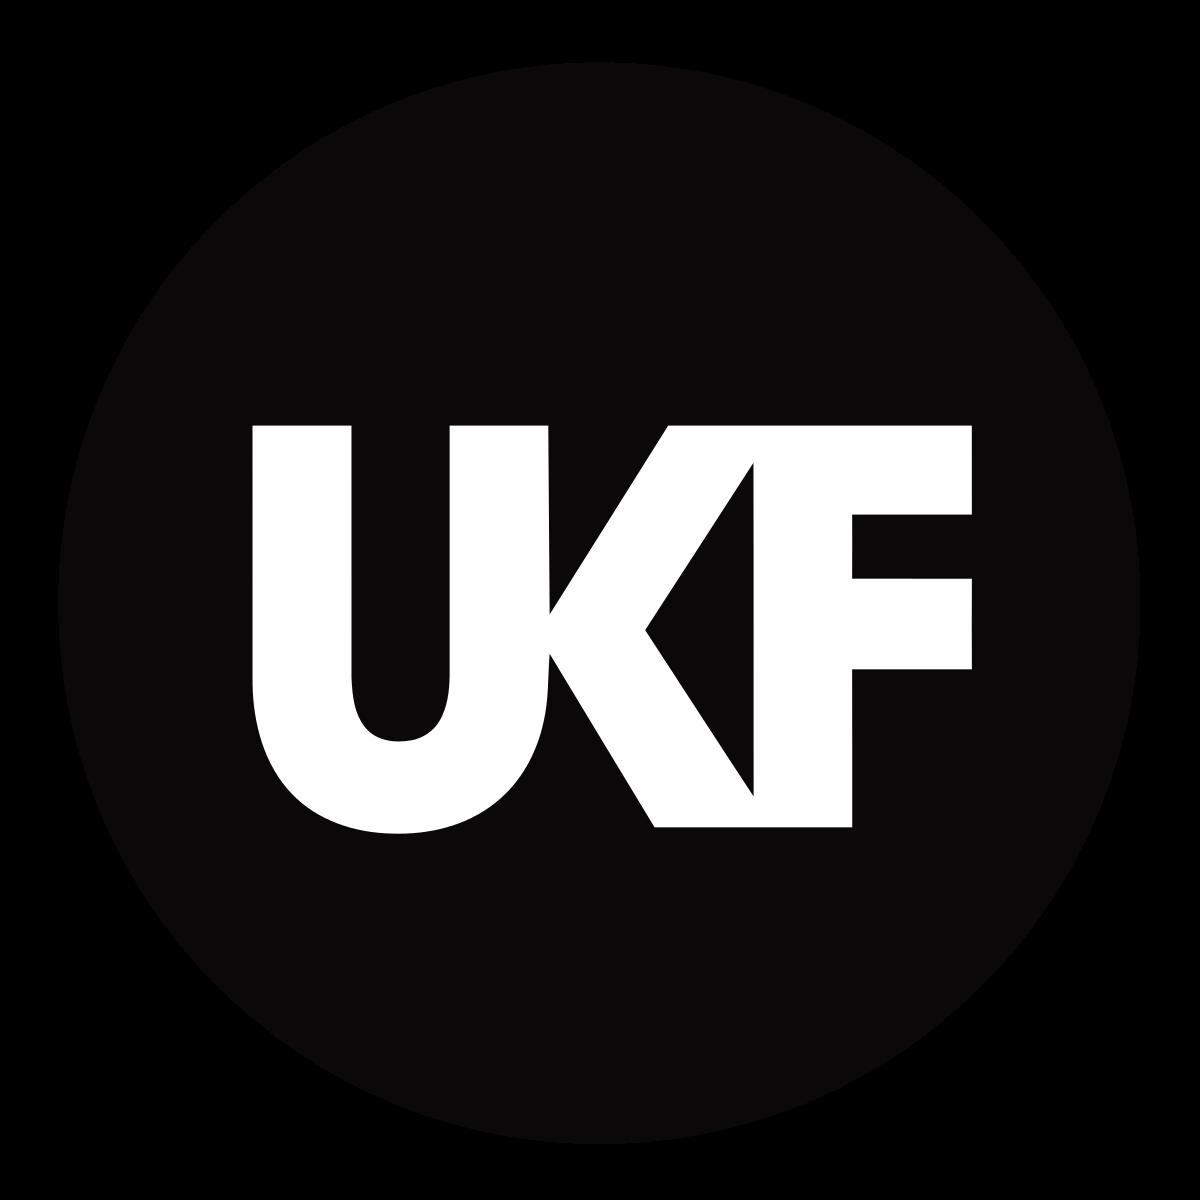 svg free library Ukf music wikipedia . Bass svg emblem